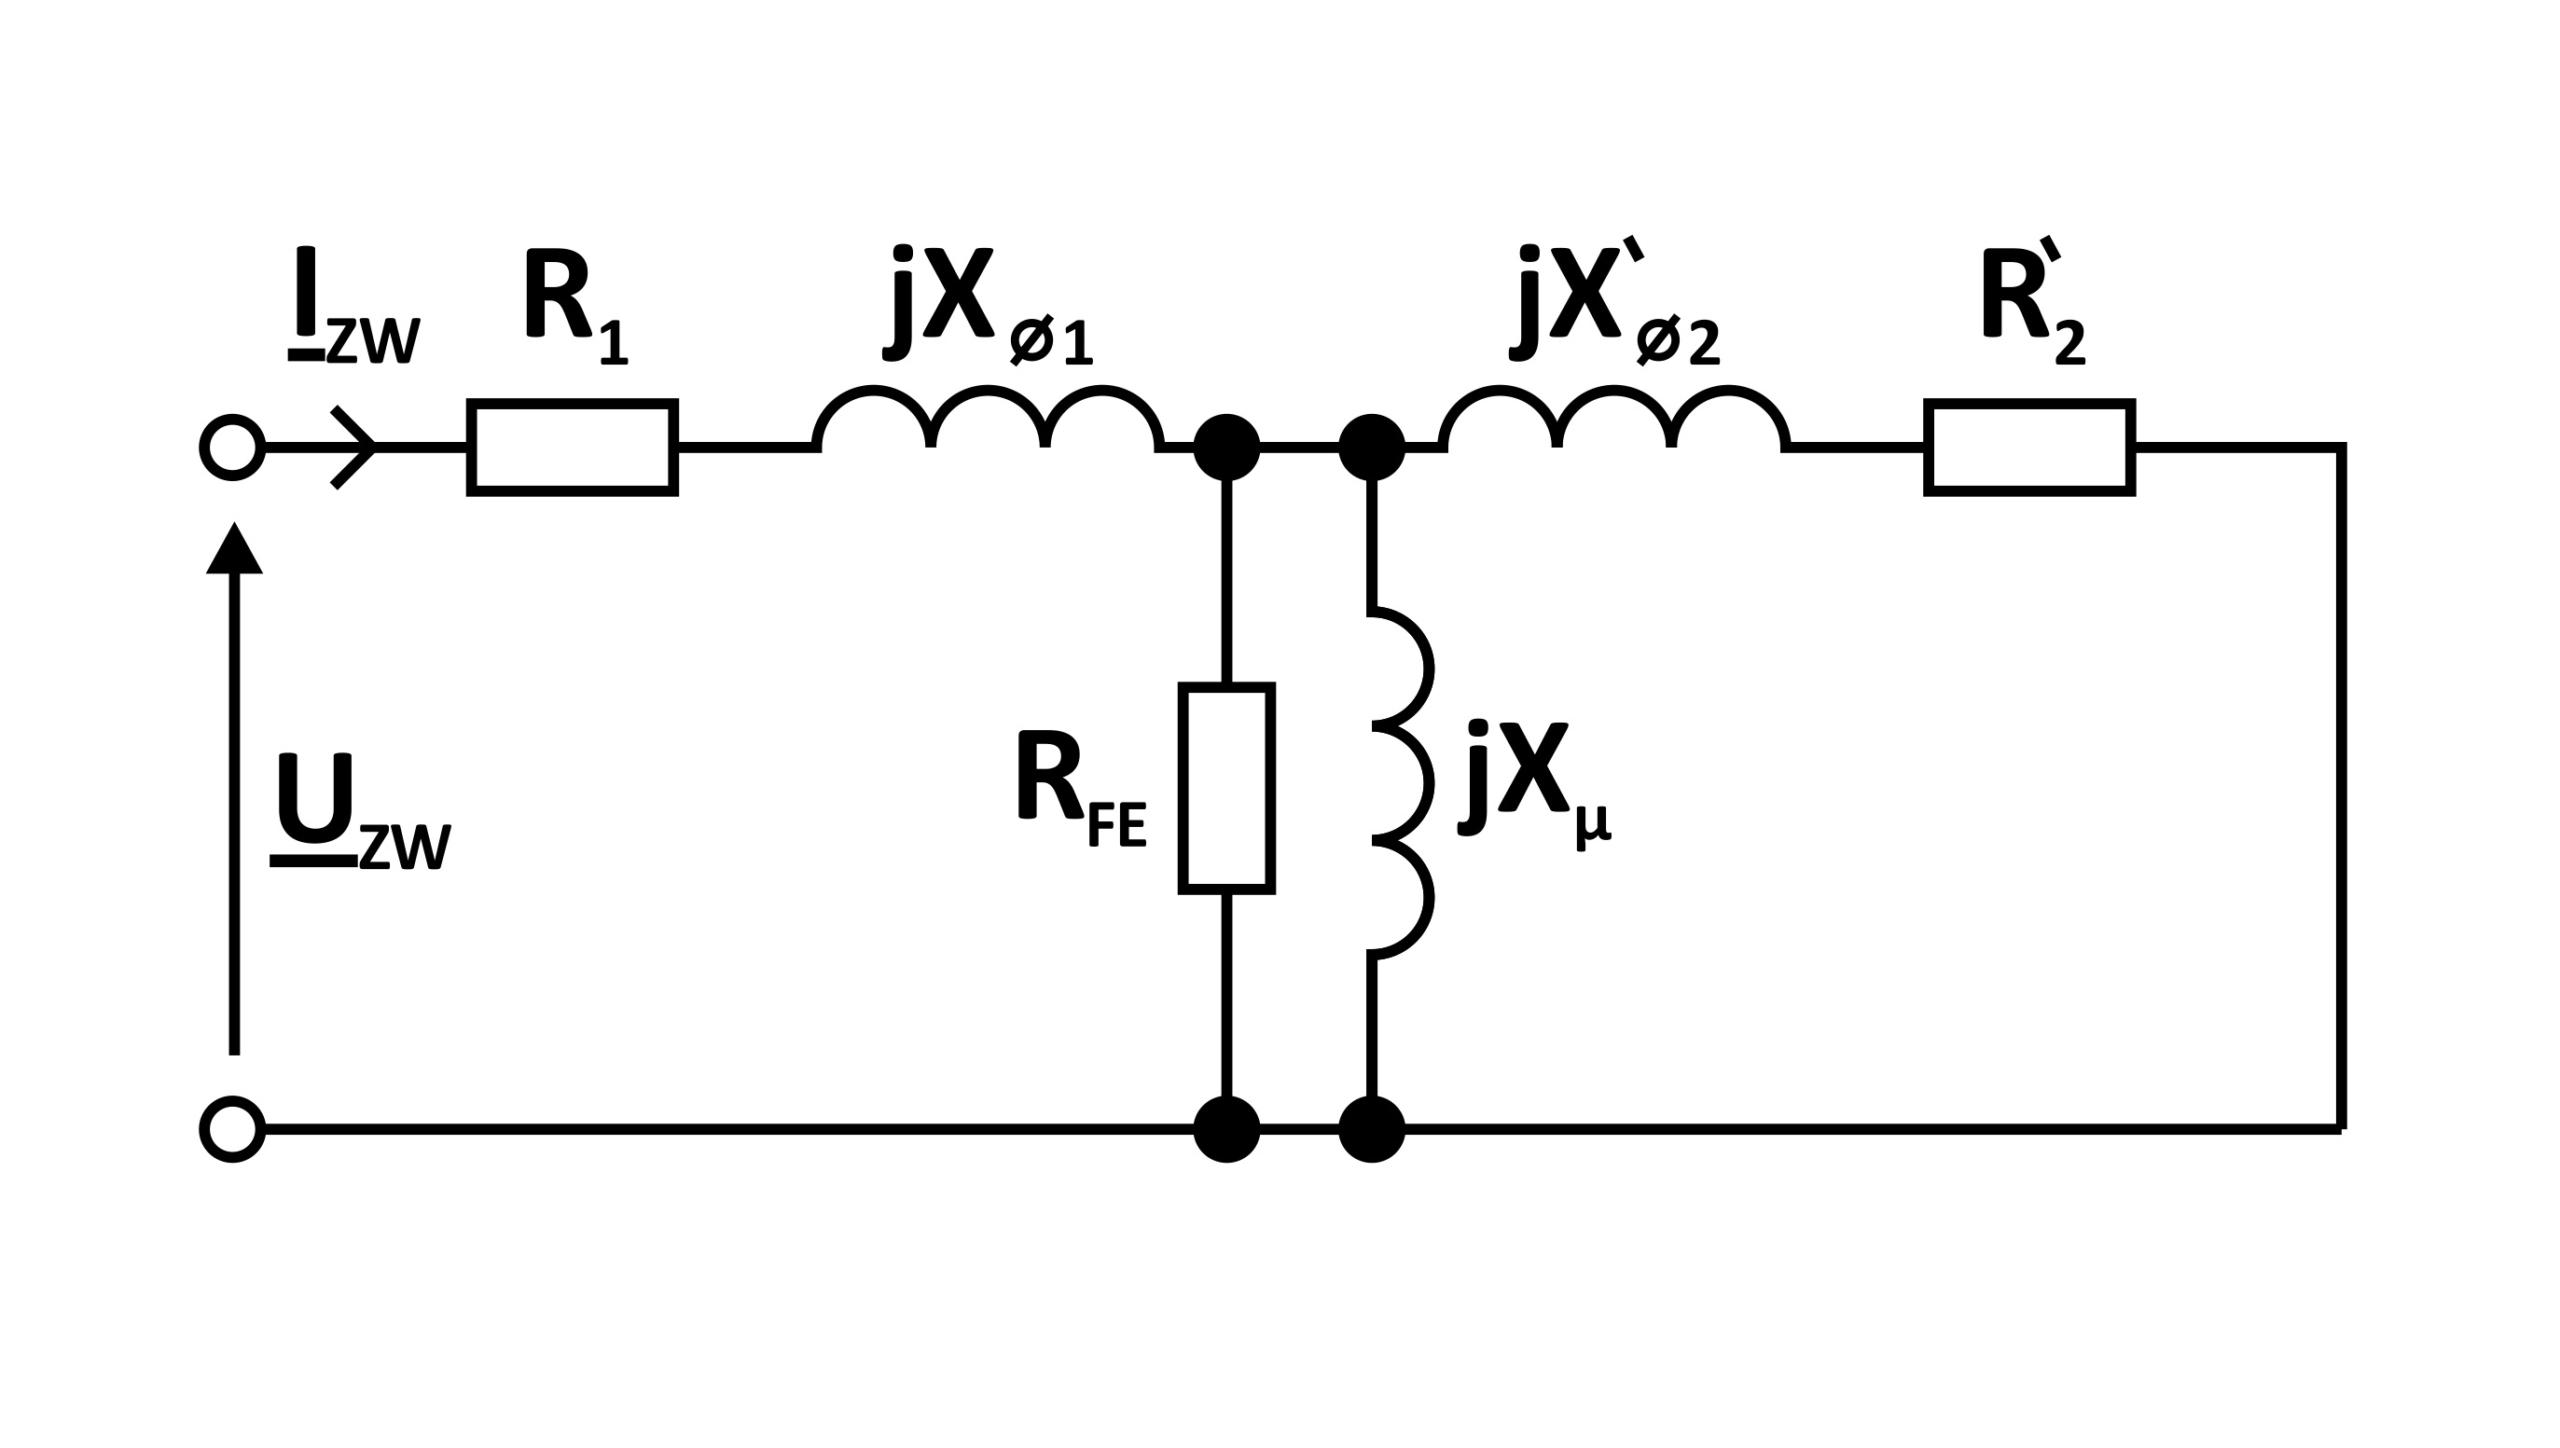 schemat stanu zwarcia pomiarowego transformatora